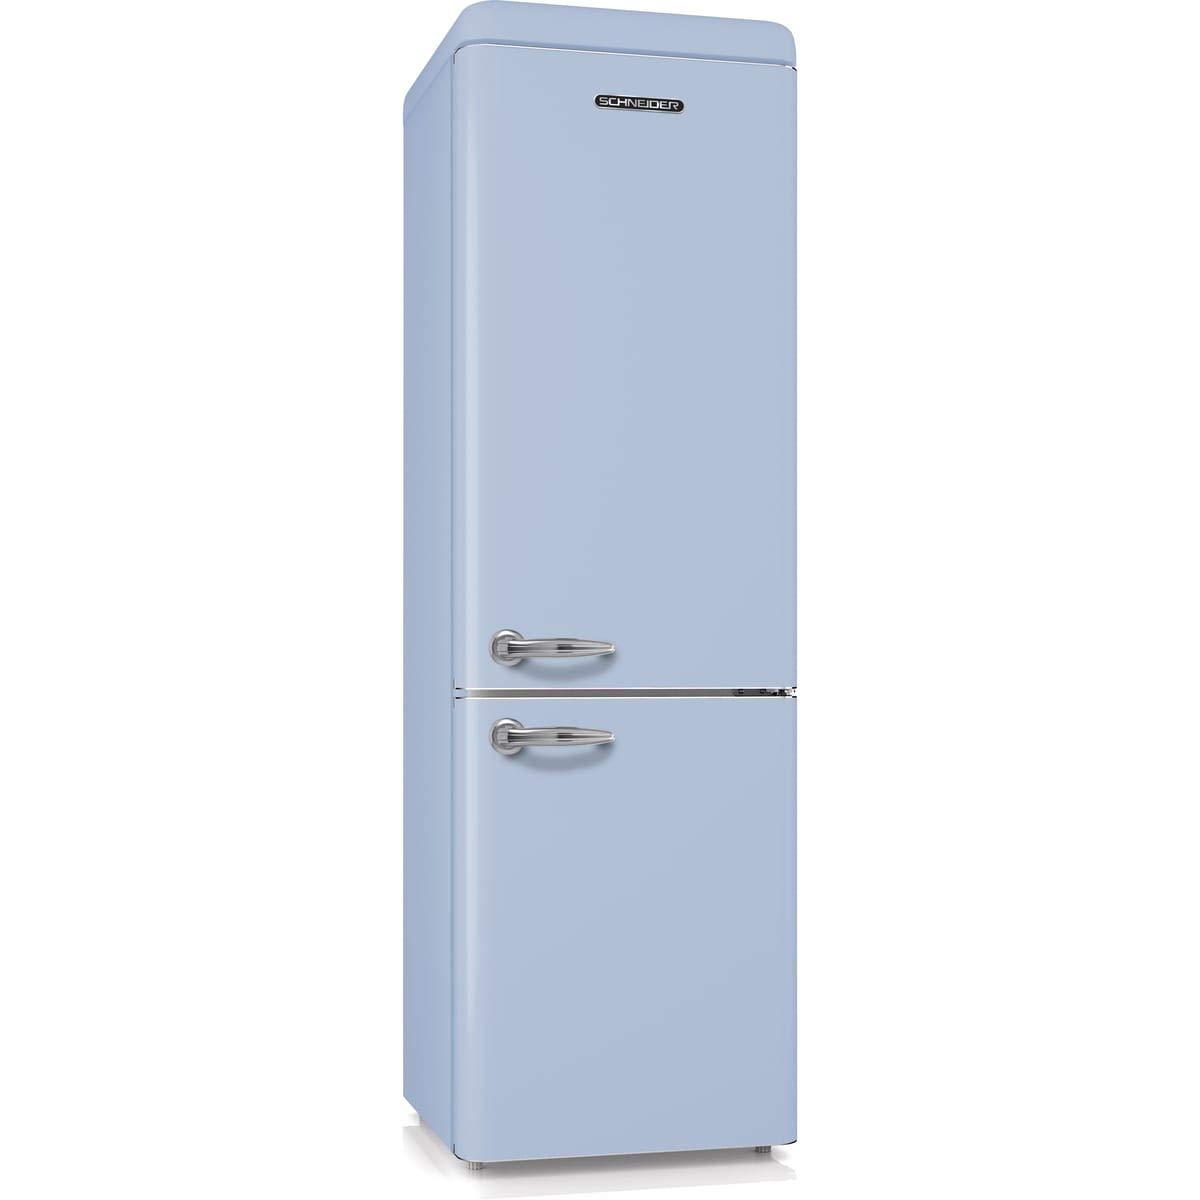 Schneider scb250vb frigorífico inversa compuesto Vintage 250 ...